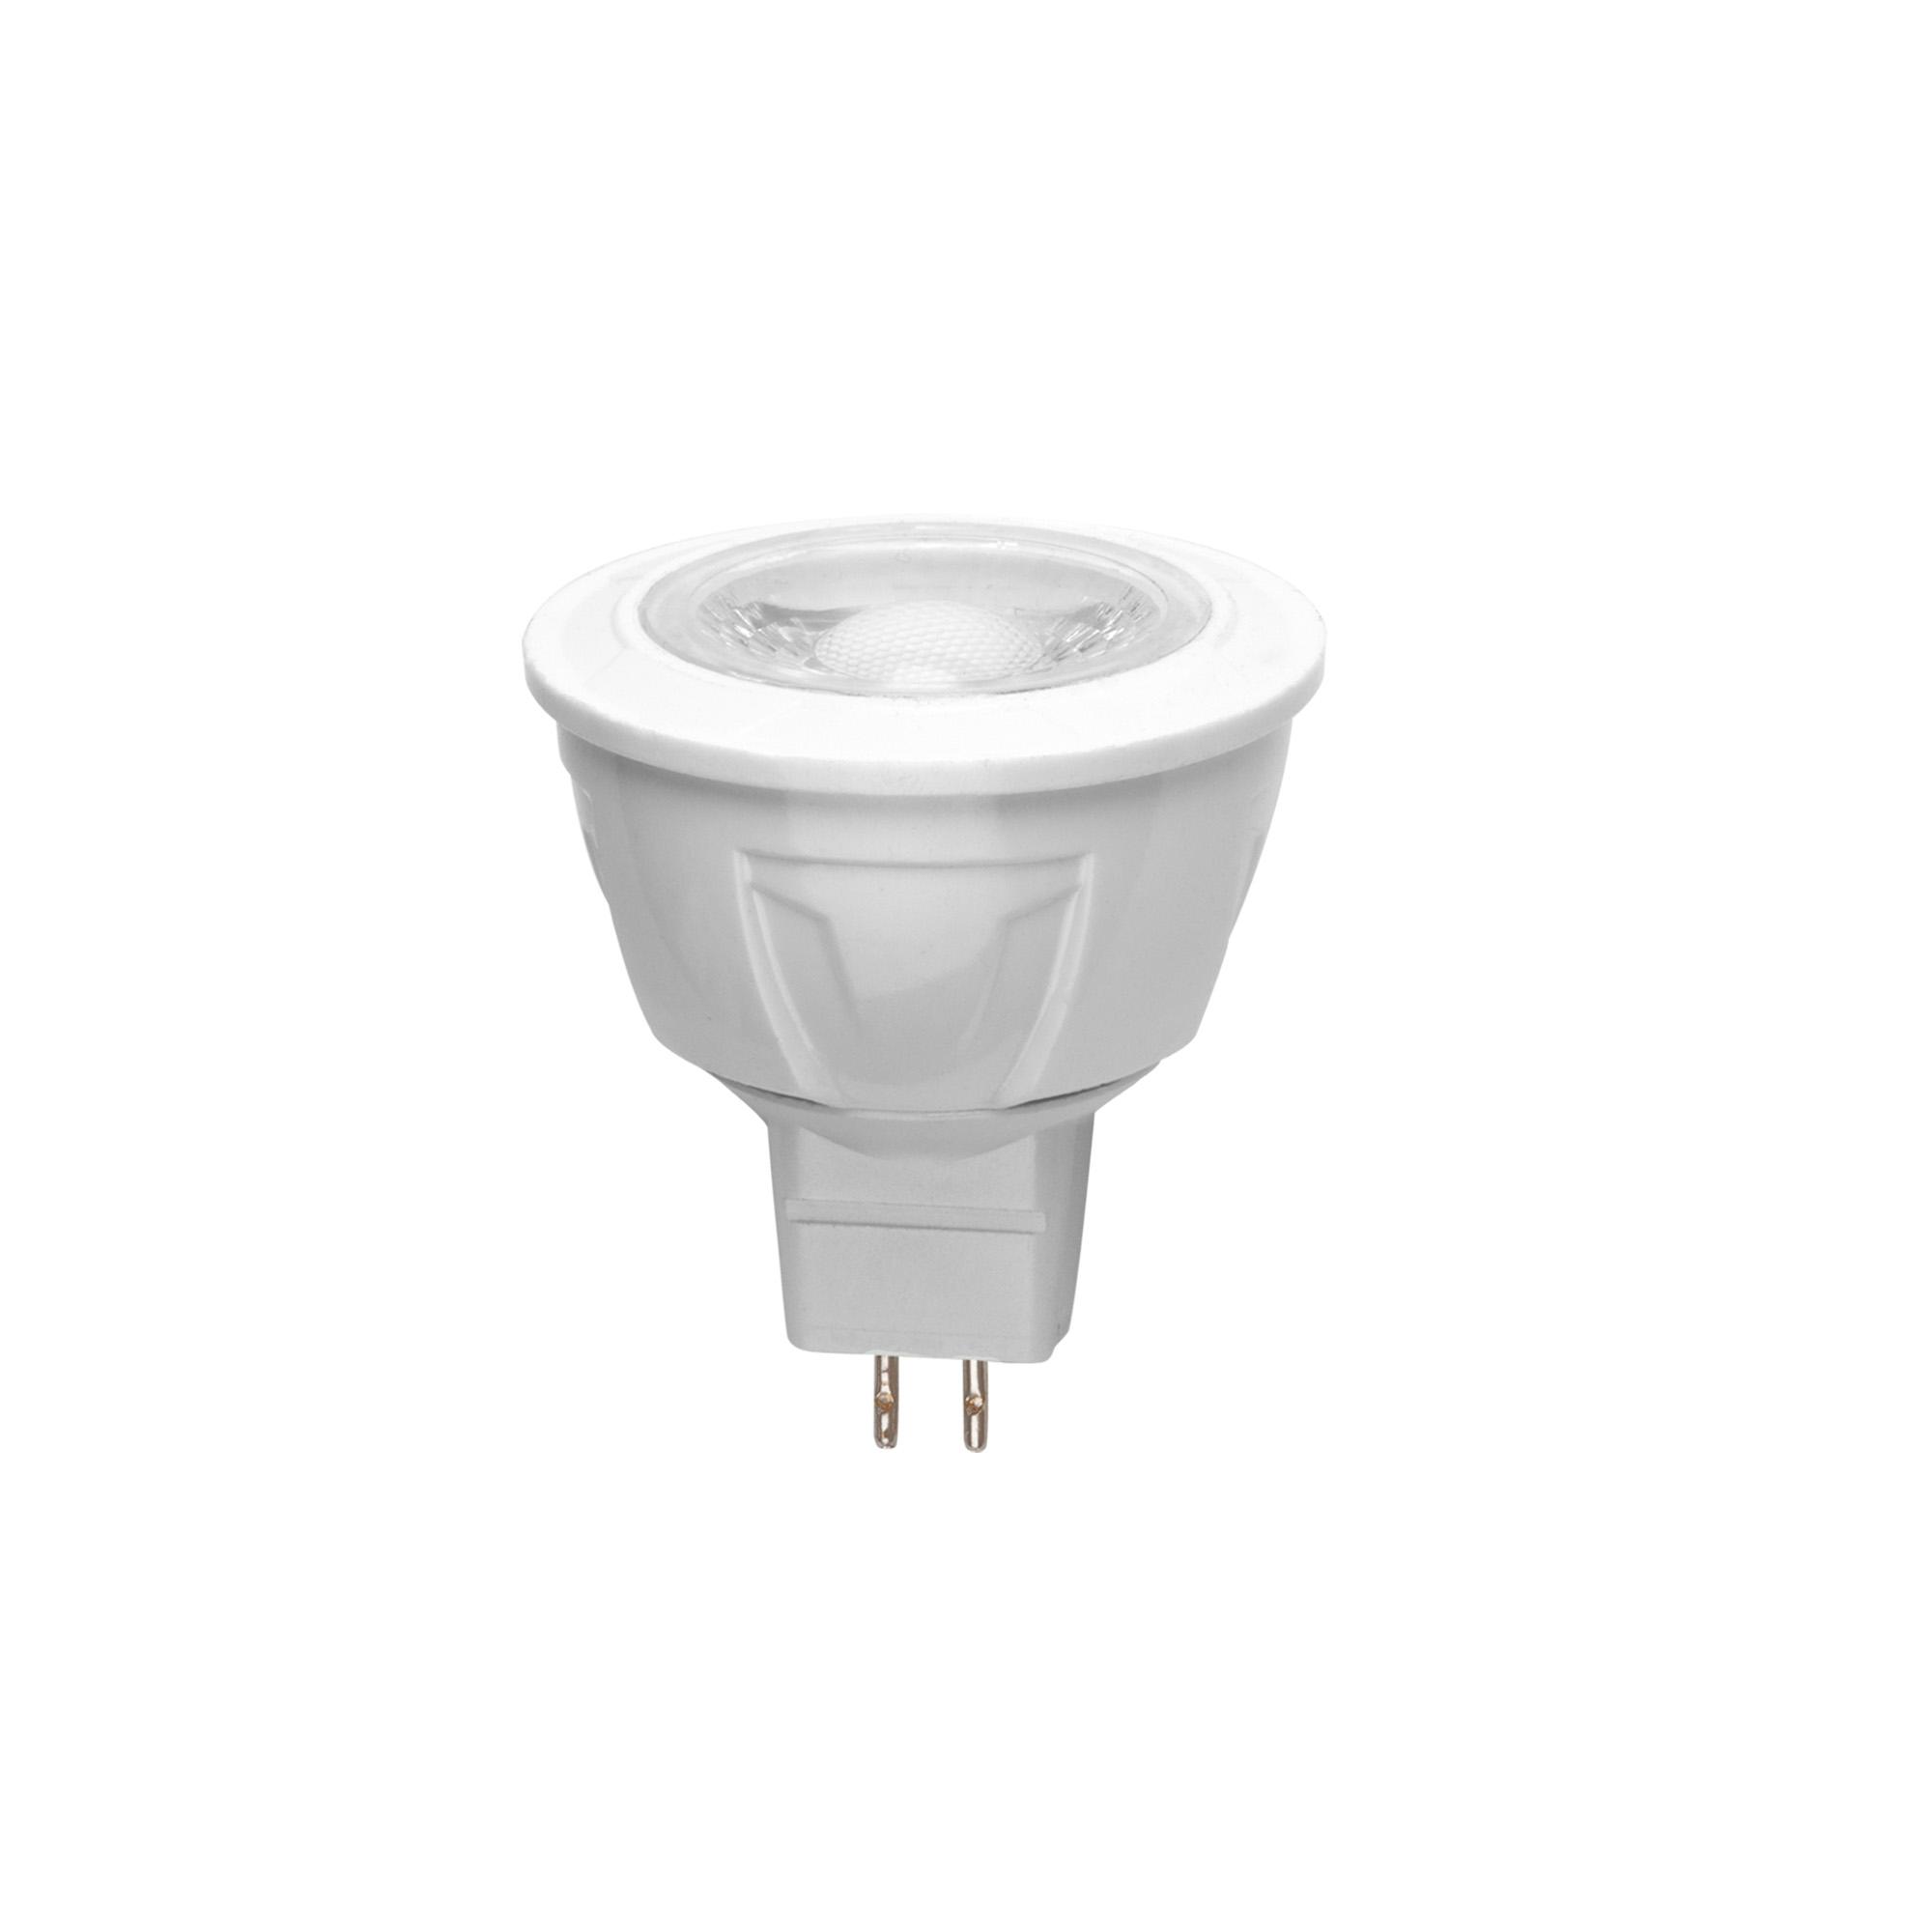 Лампа светодиодная Uniel Led-jcdr-5w/nw/gu5.3/fr alp01wh 10шт лампа светодиодная 07912 gu5 3 5w 3000k jcdr матовая led jcdr 5w ww gu5 3 fr alp01wh